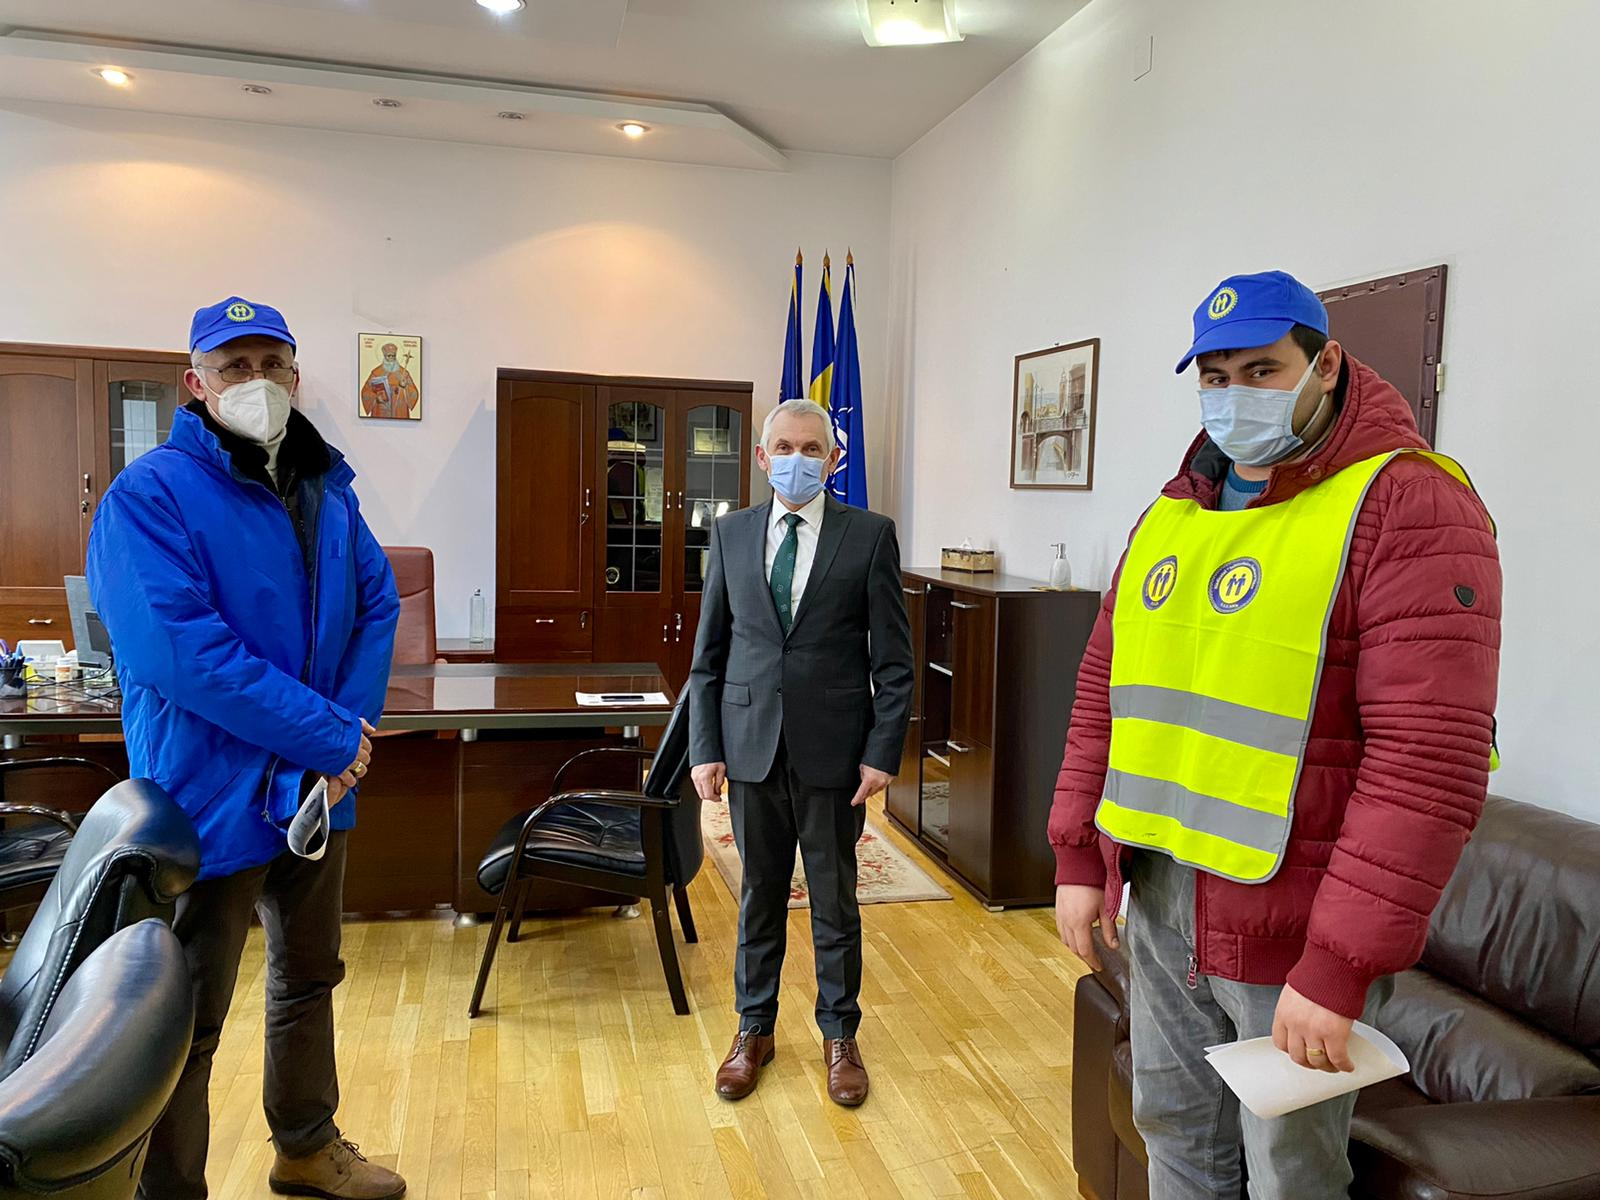 Prefectul Mircea Crețu s-a întâlnit cu sindicaliștii din sănătate: Vom transmite memoriul lor Ministerului Sănătății și Ministerului Muncii